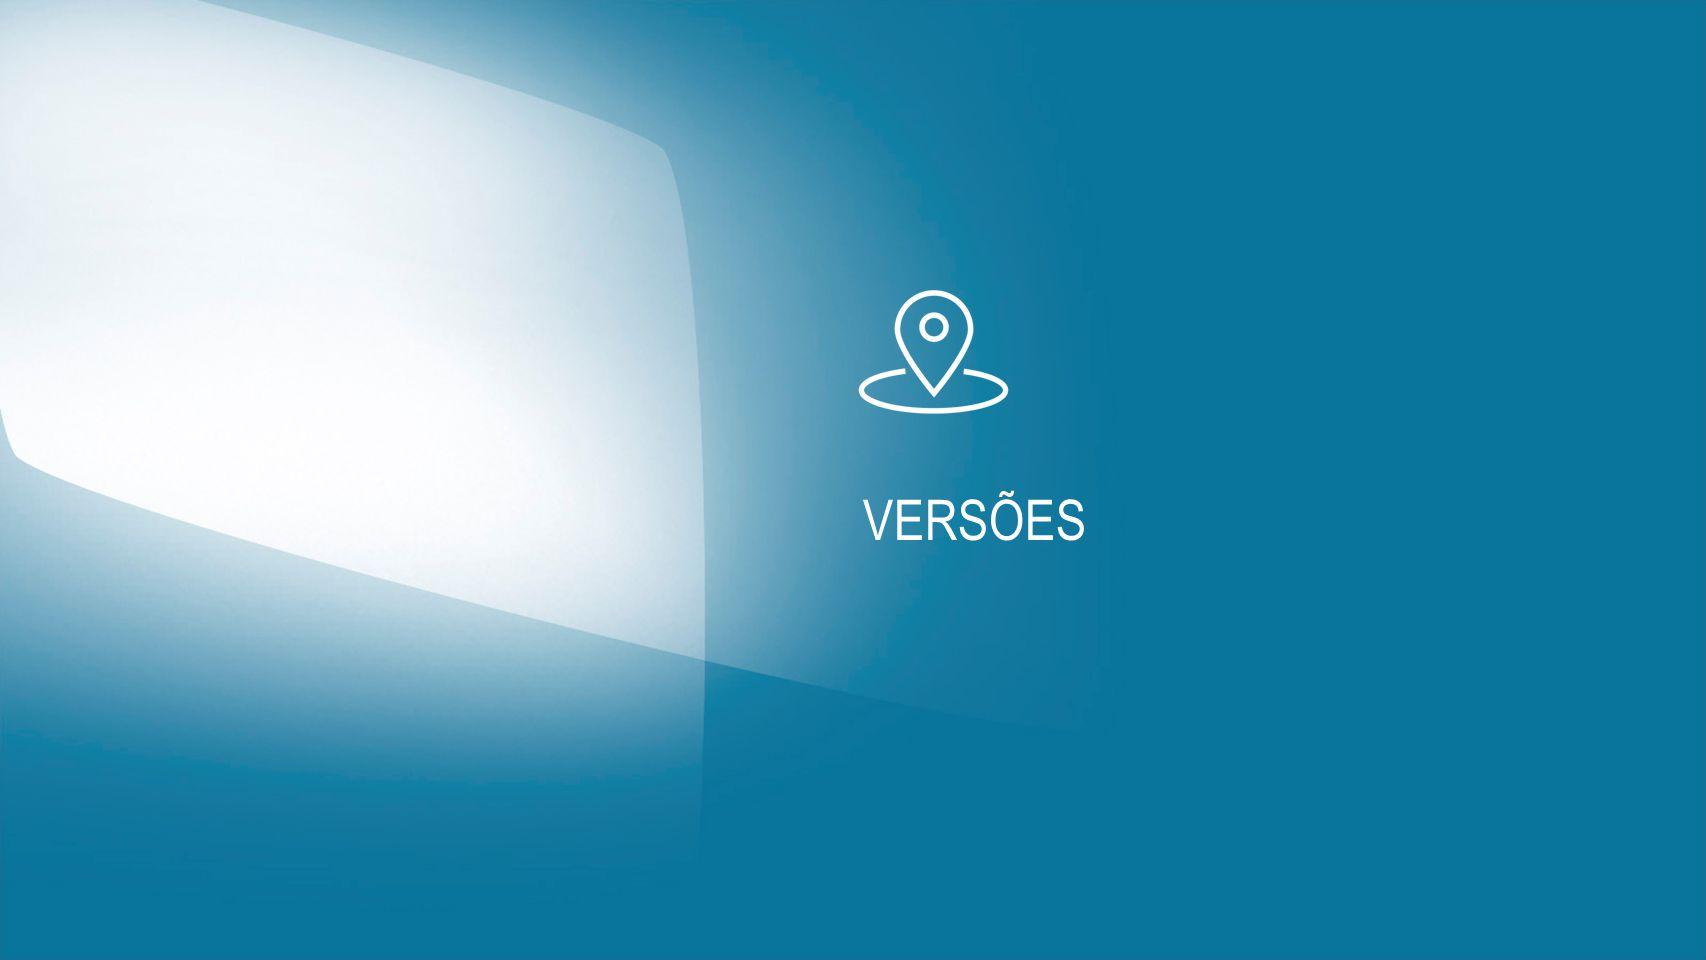 Essa nova funcionalidade foi criada para clientes com versão de melhoria, por isso estará disponível nas seguintes versões: Versão 11.83.54 programado para junho 2014; VERSÕES EDUCA MOBILE